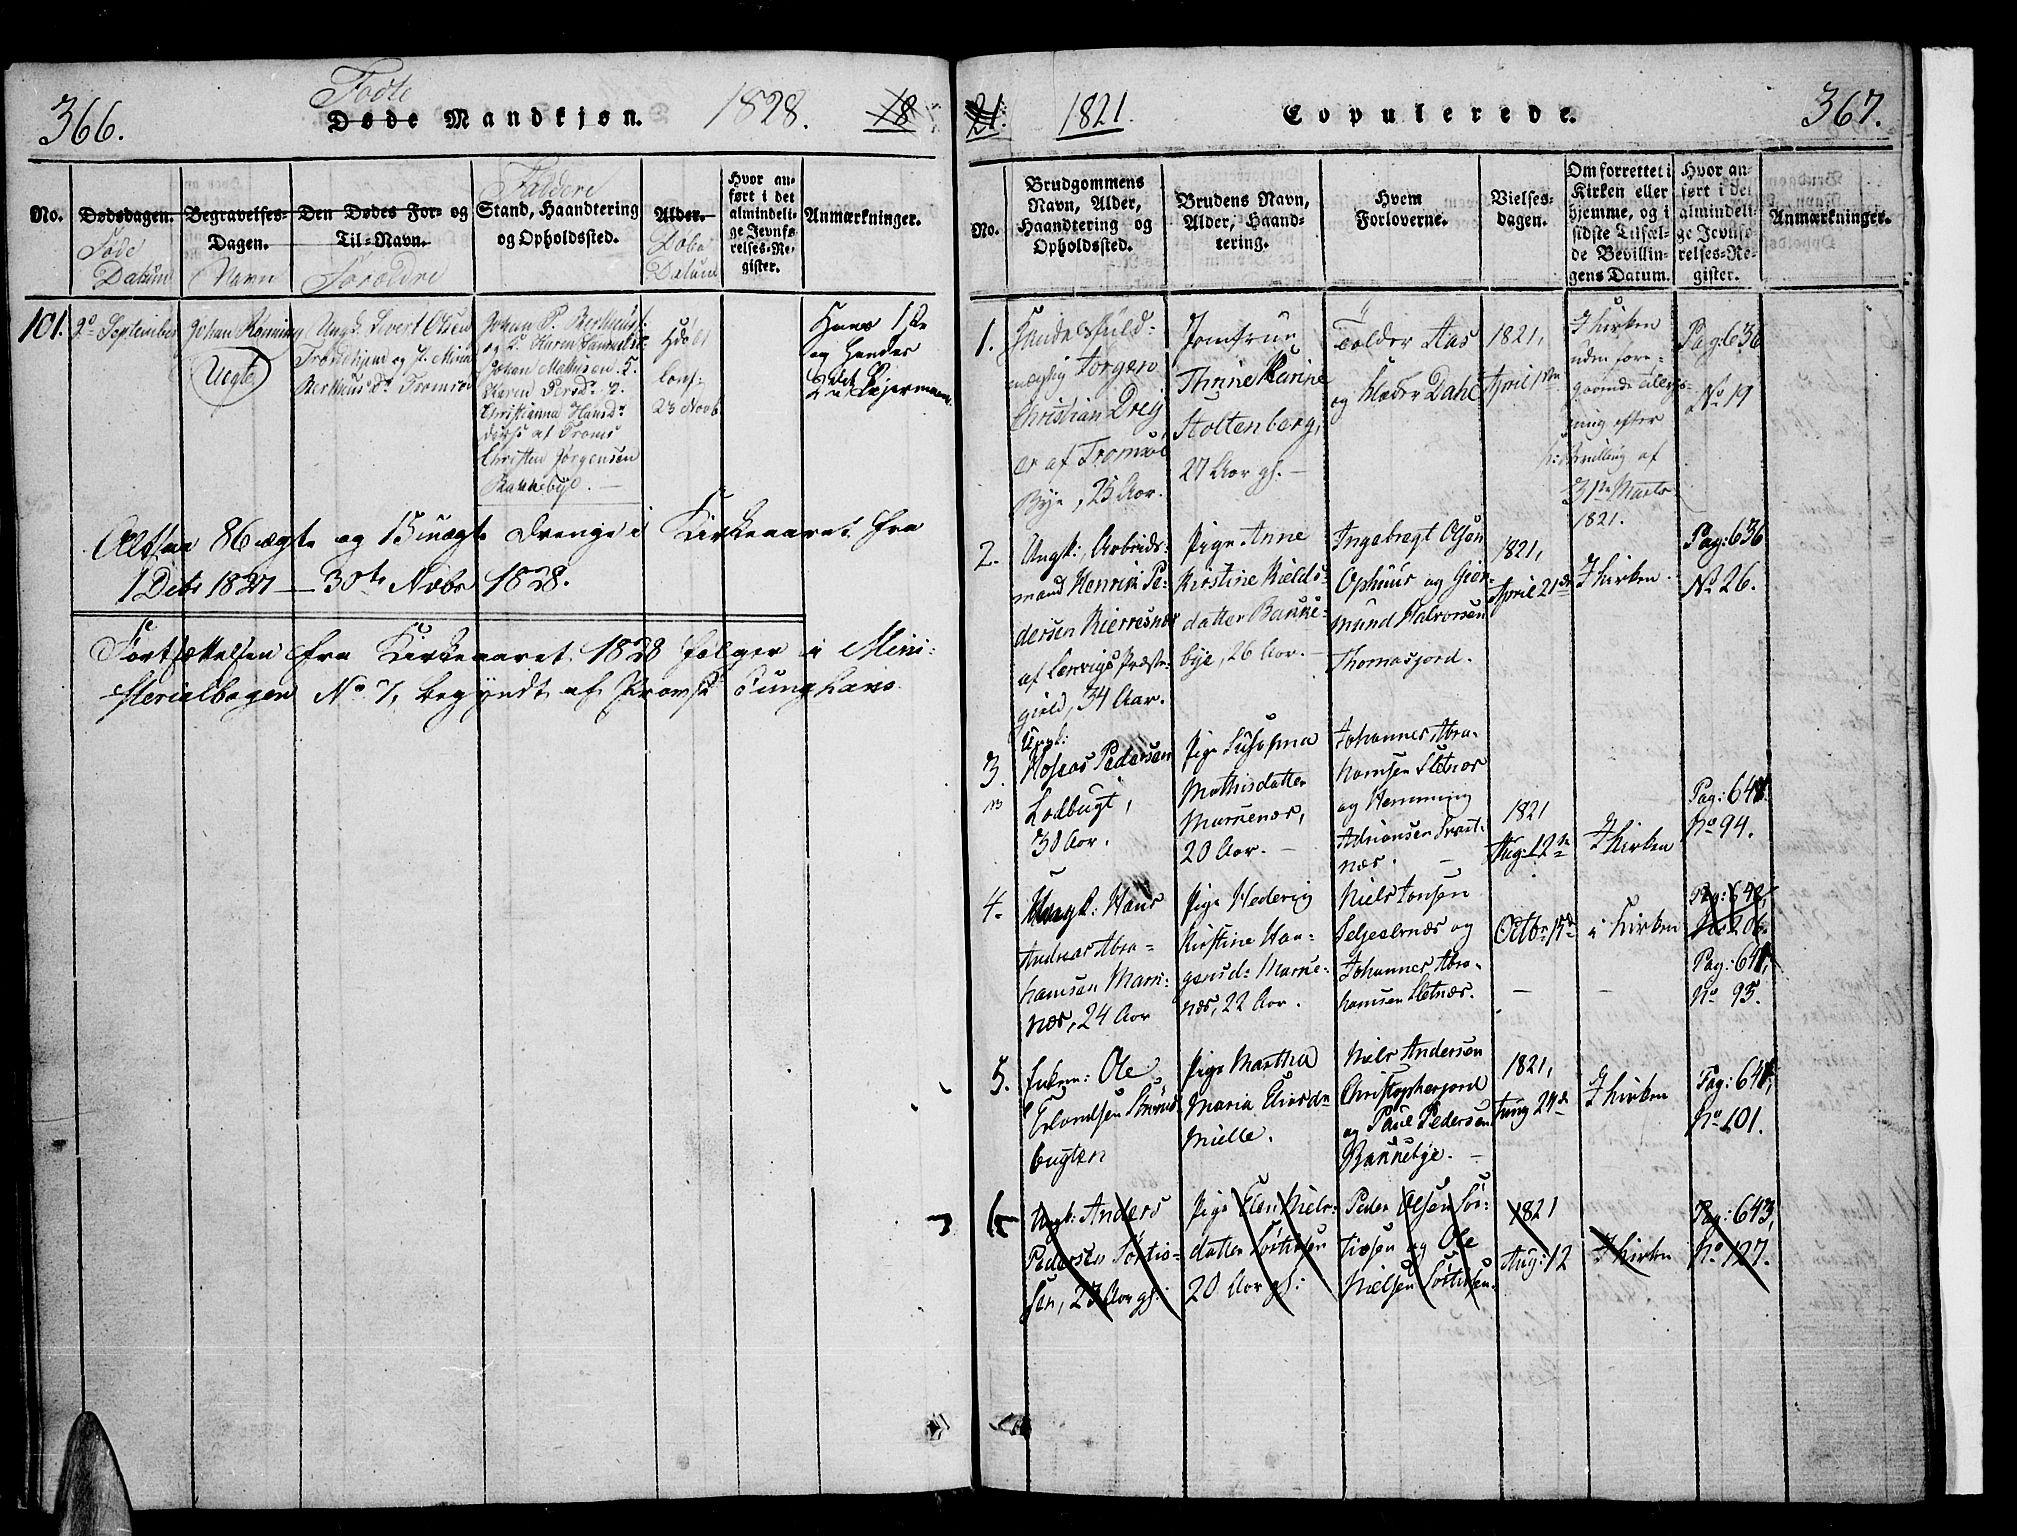 SATØ, Tromsø sokneprestkontor/stiftsprosti/domprosti, G/Ga/L0007kirke: Ministerialbok nr. 7, 1821-1828, s. 366-367